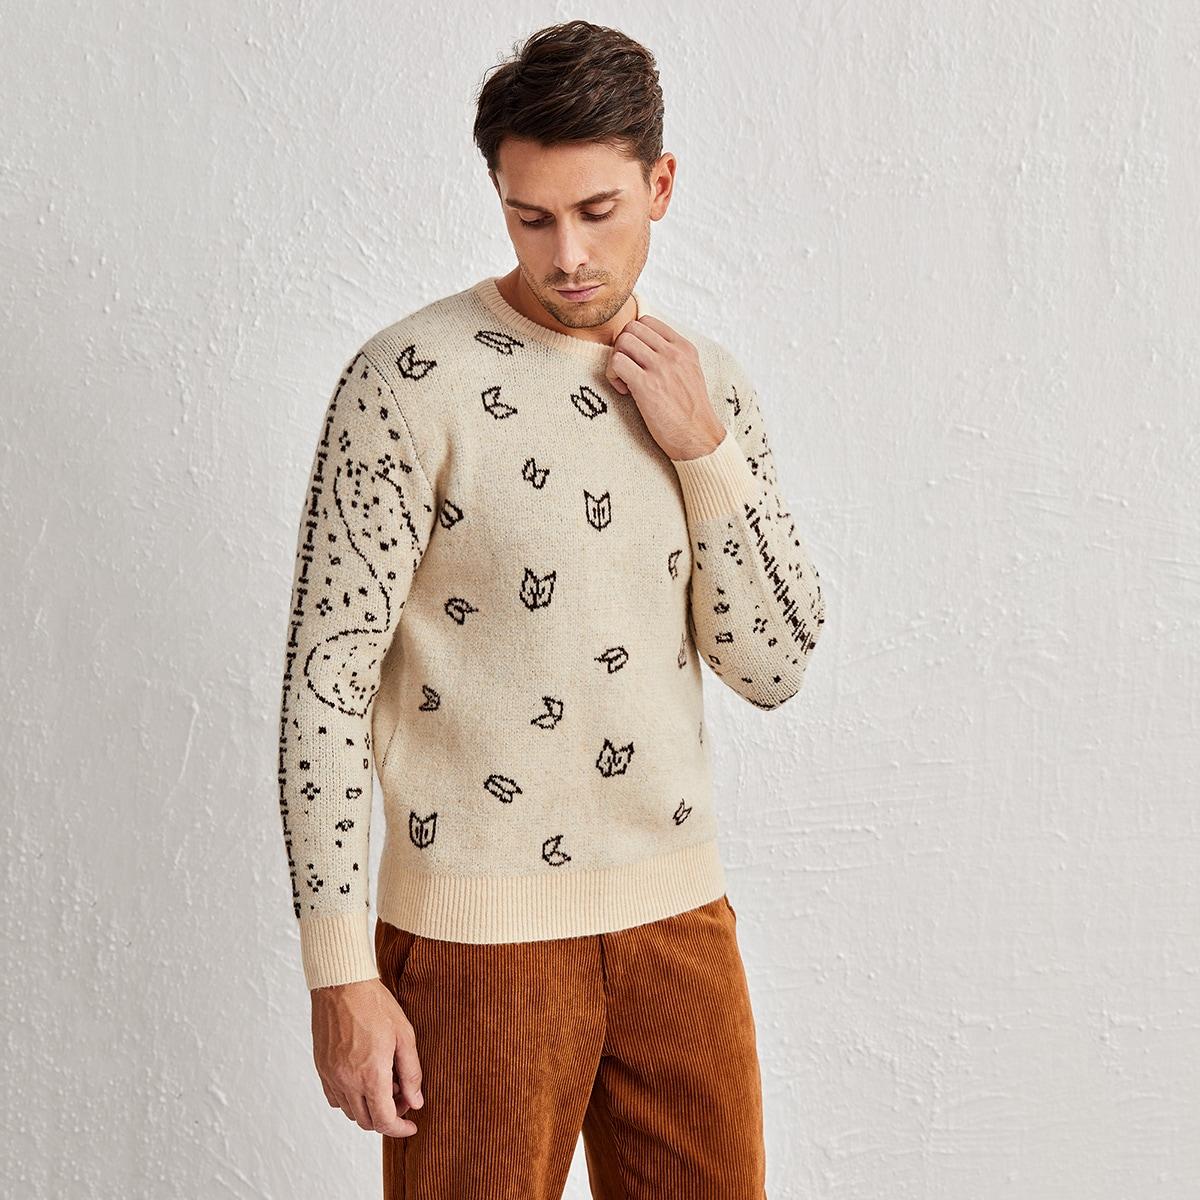 Мужской свитер с графическим узором